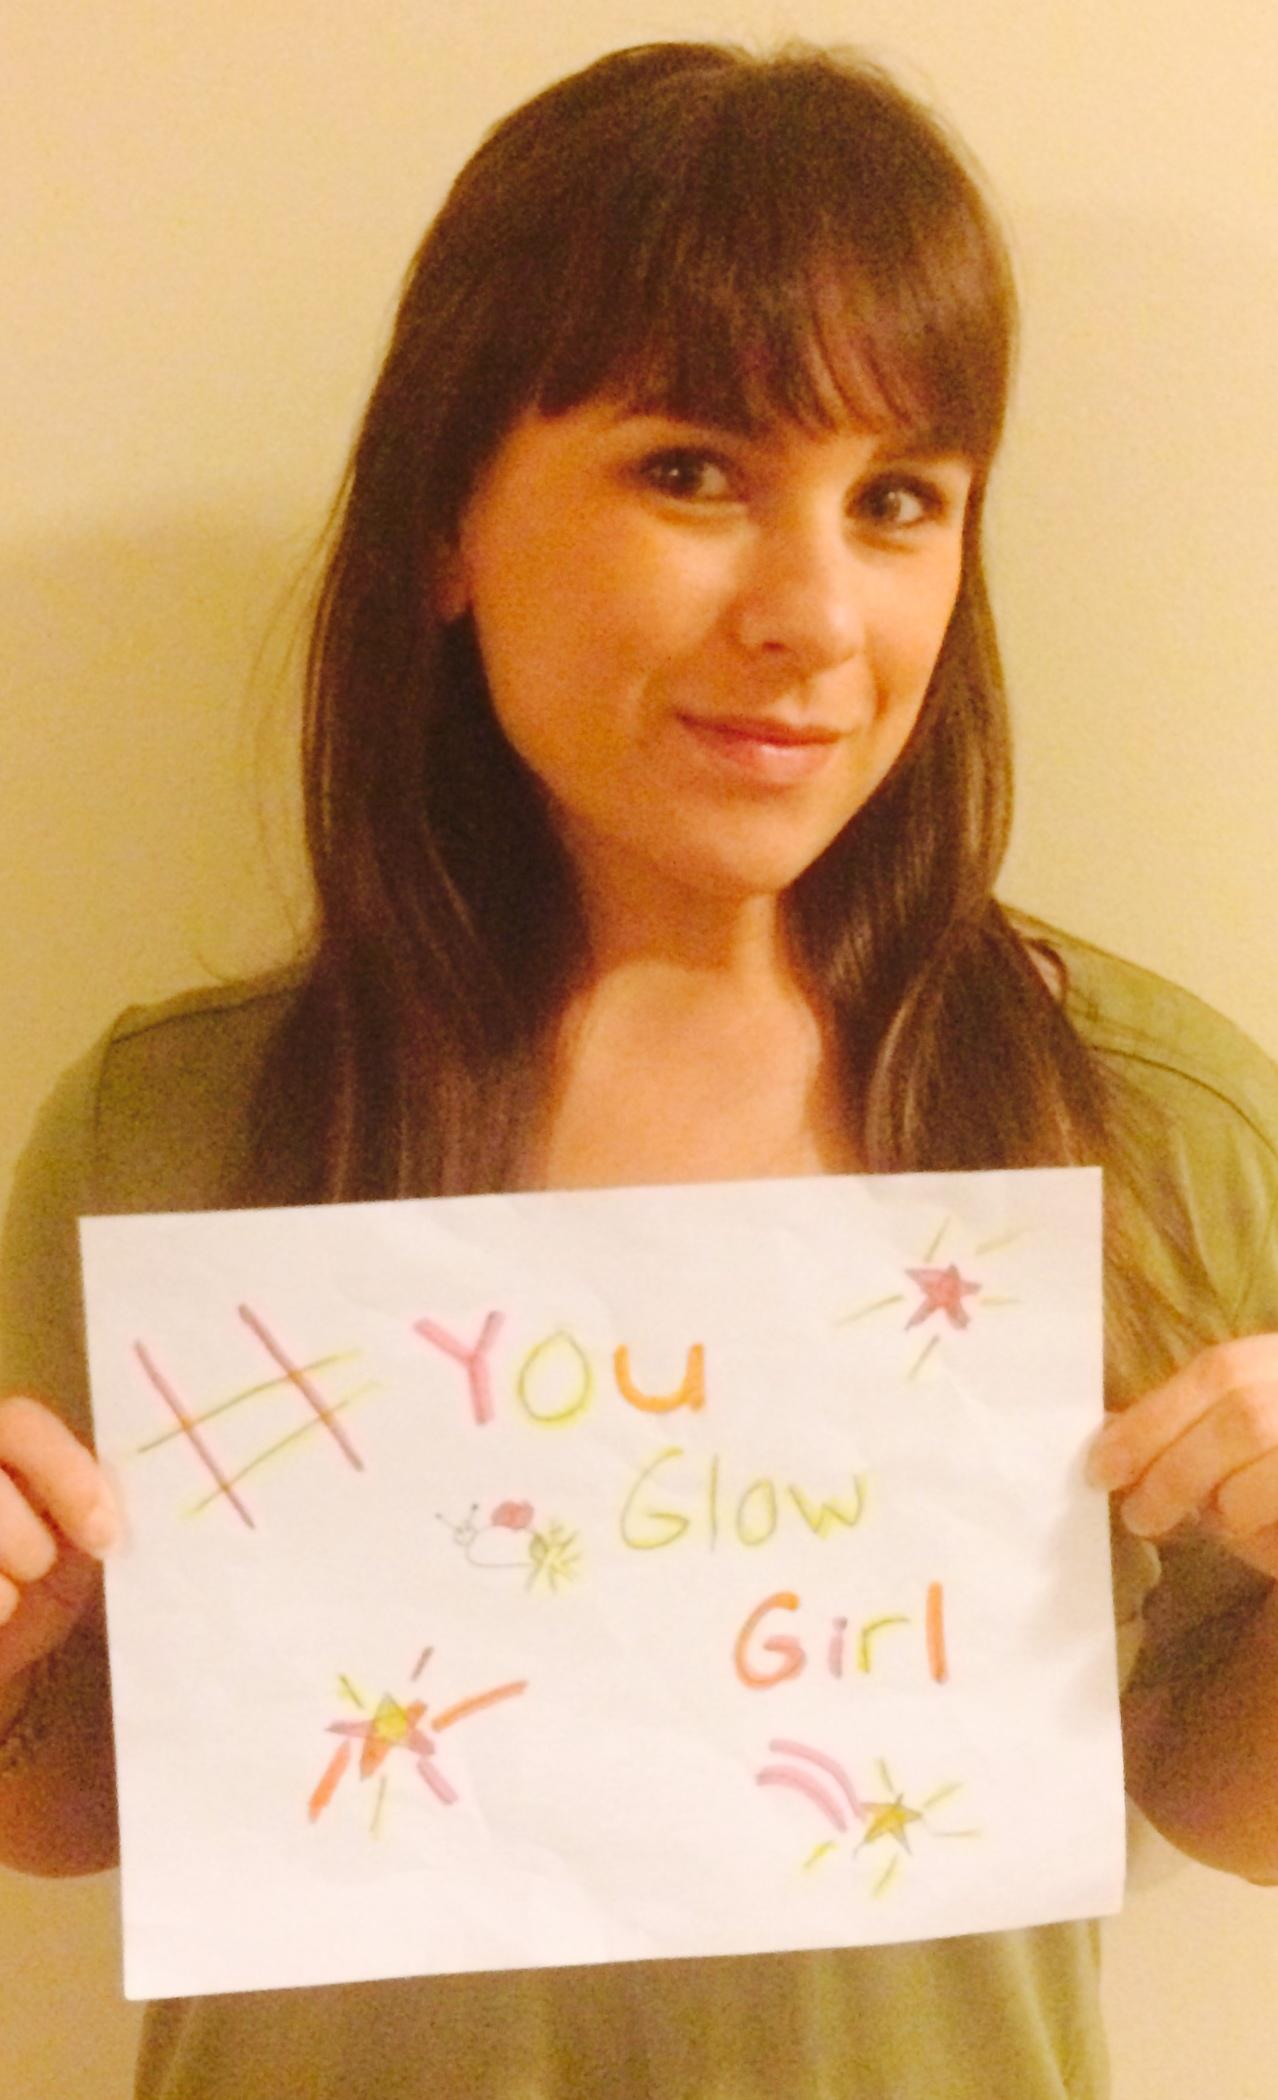 Glow Girl! Jamie Khau